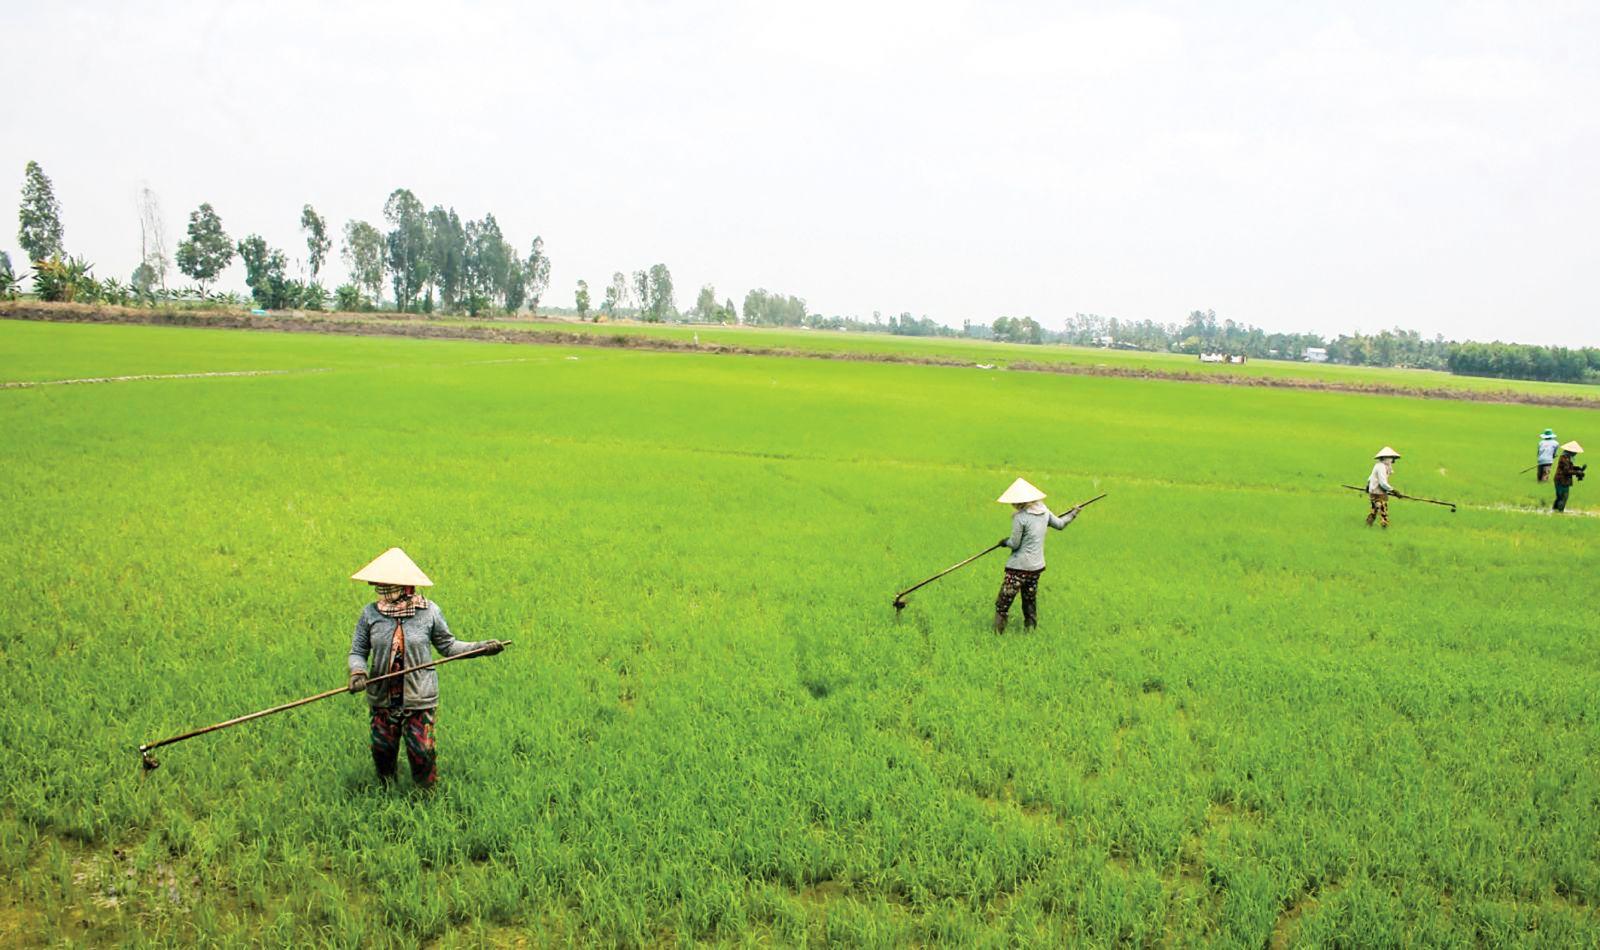 Nông dân xã Thạnh Phú, huyện Cờ Đỏ chăm sóc ruộng lúa hè thu 2018 giai đoạn mạ sinh trưởng. Ảnh: KHÁNH TRUNG